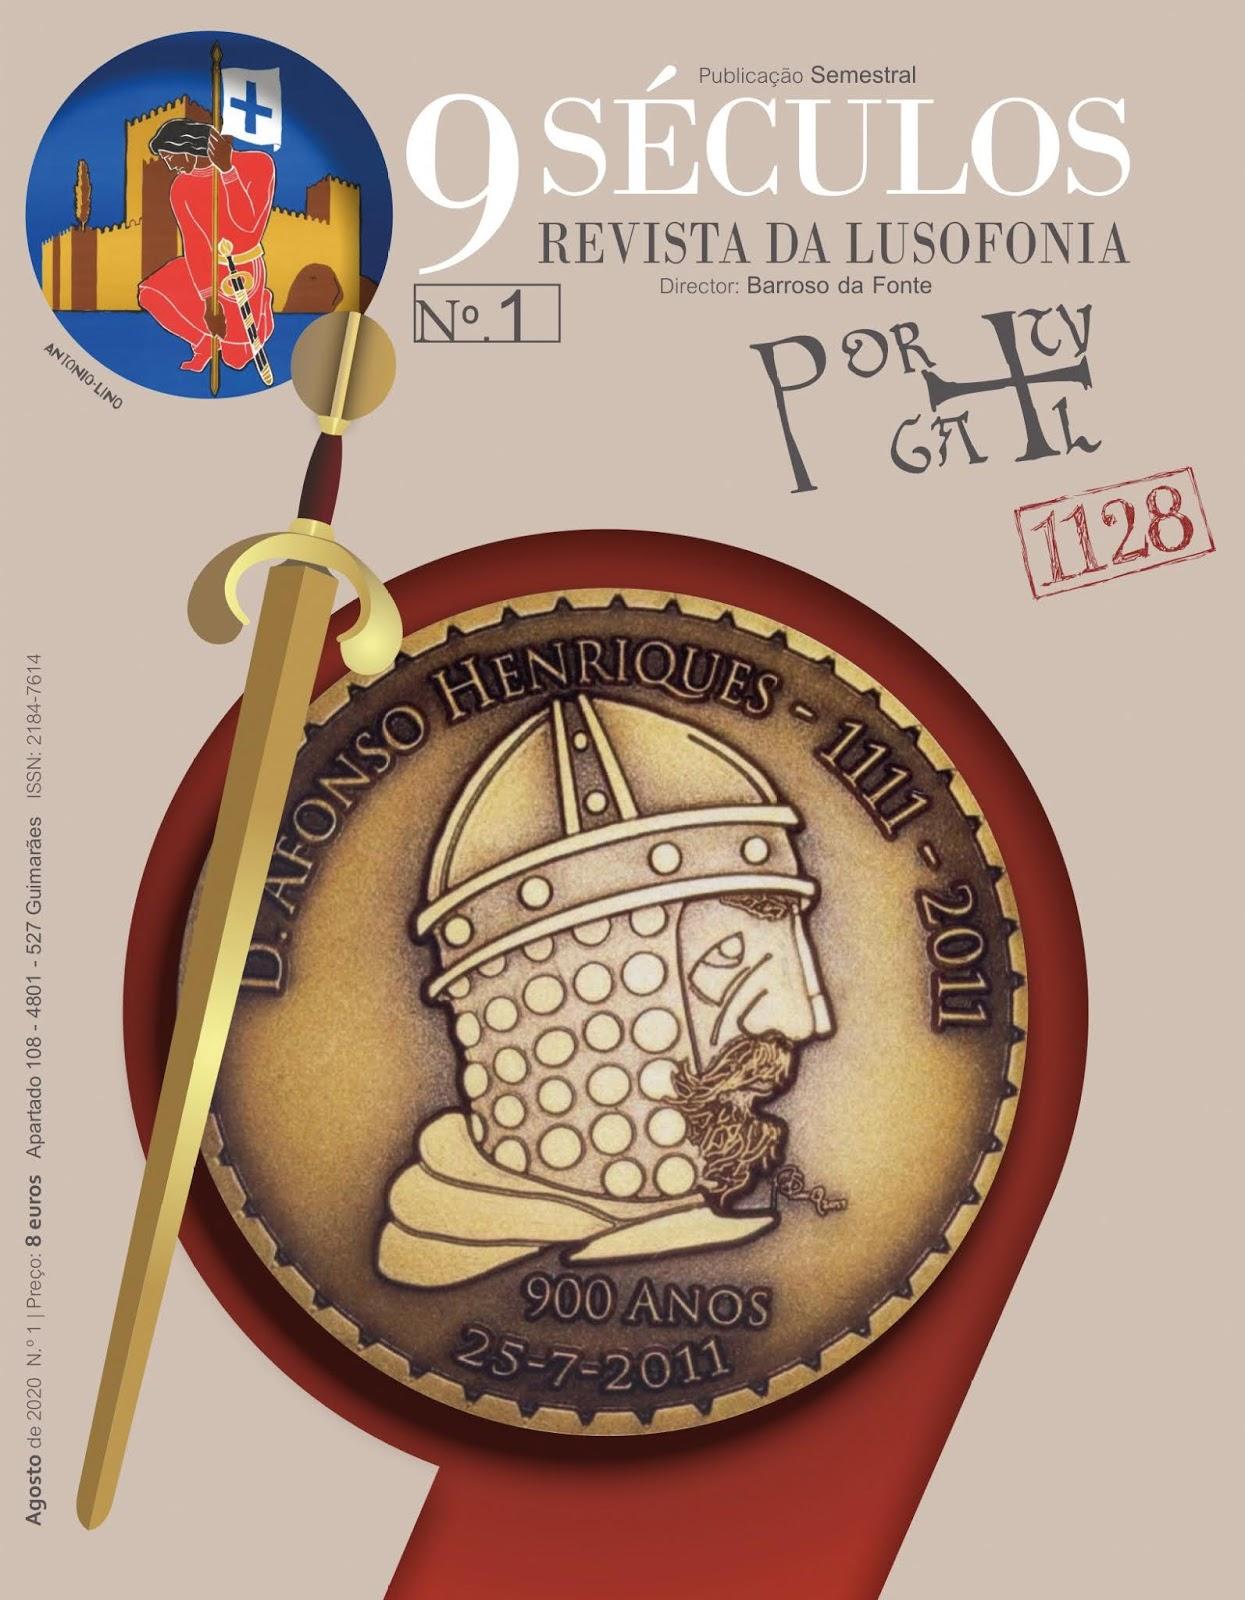 9 séculos - Revista da lusofonia